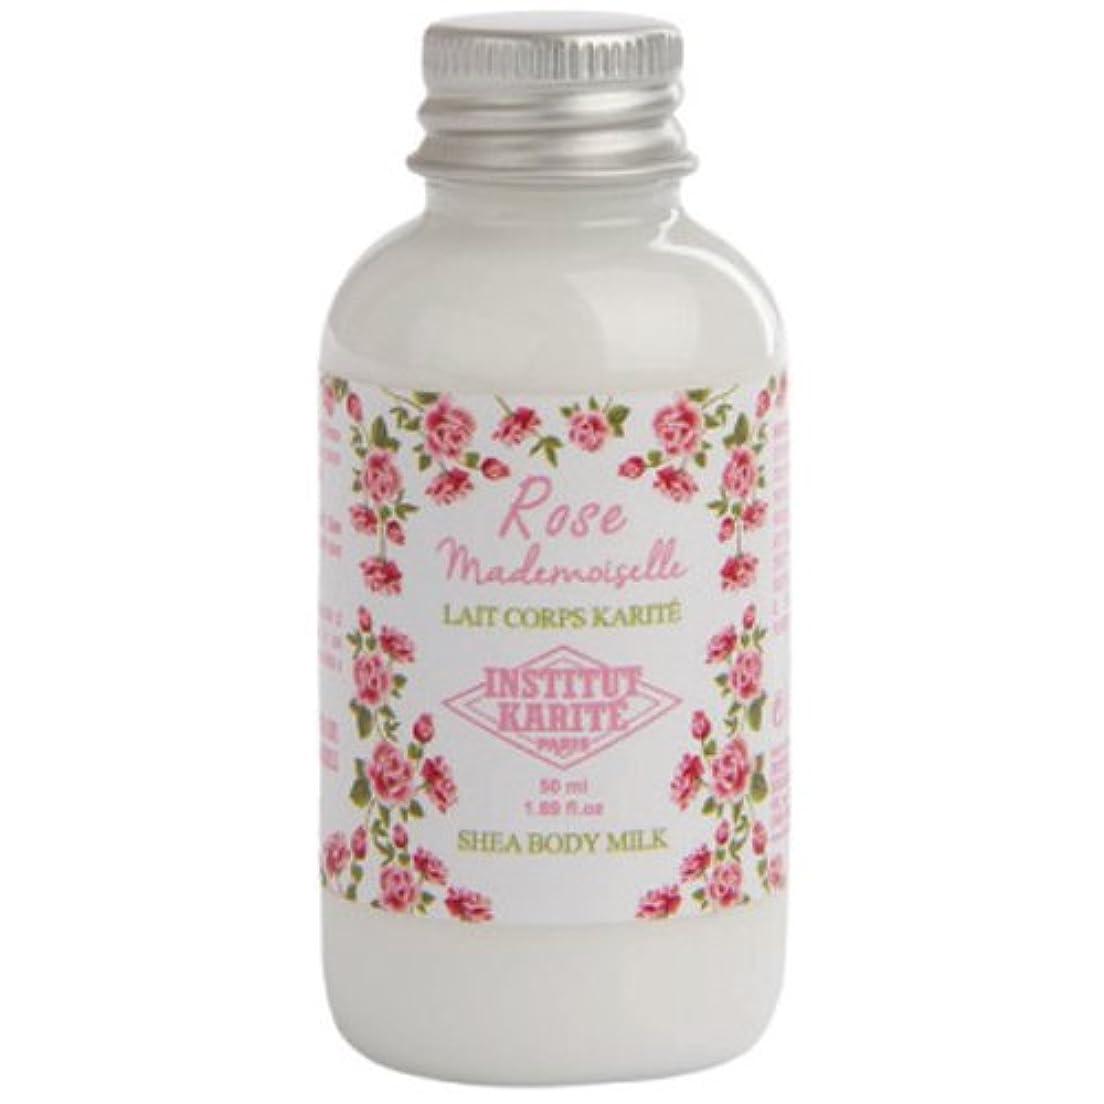 思われる落とし穴外科医INSTITUT KARITE カリテ Rose Mademoiselle クラシックローズ Travel Shea Body Milk 50ml